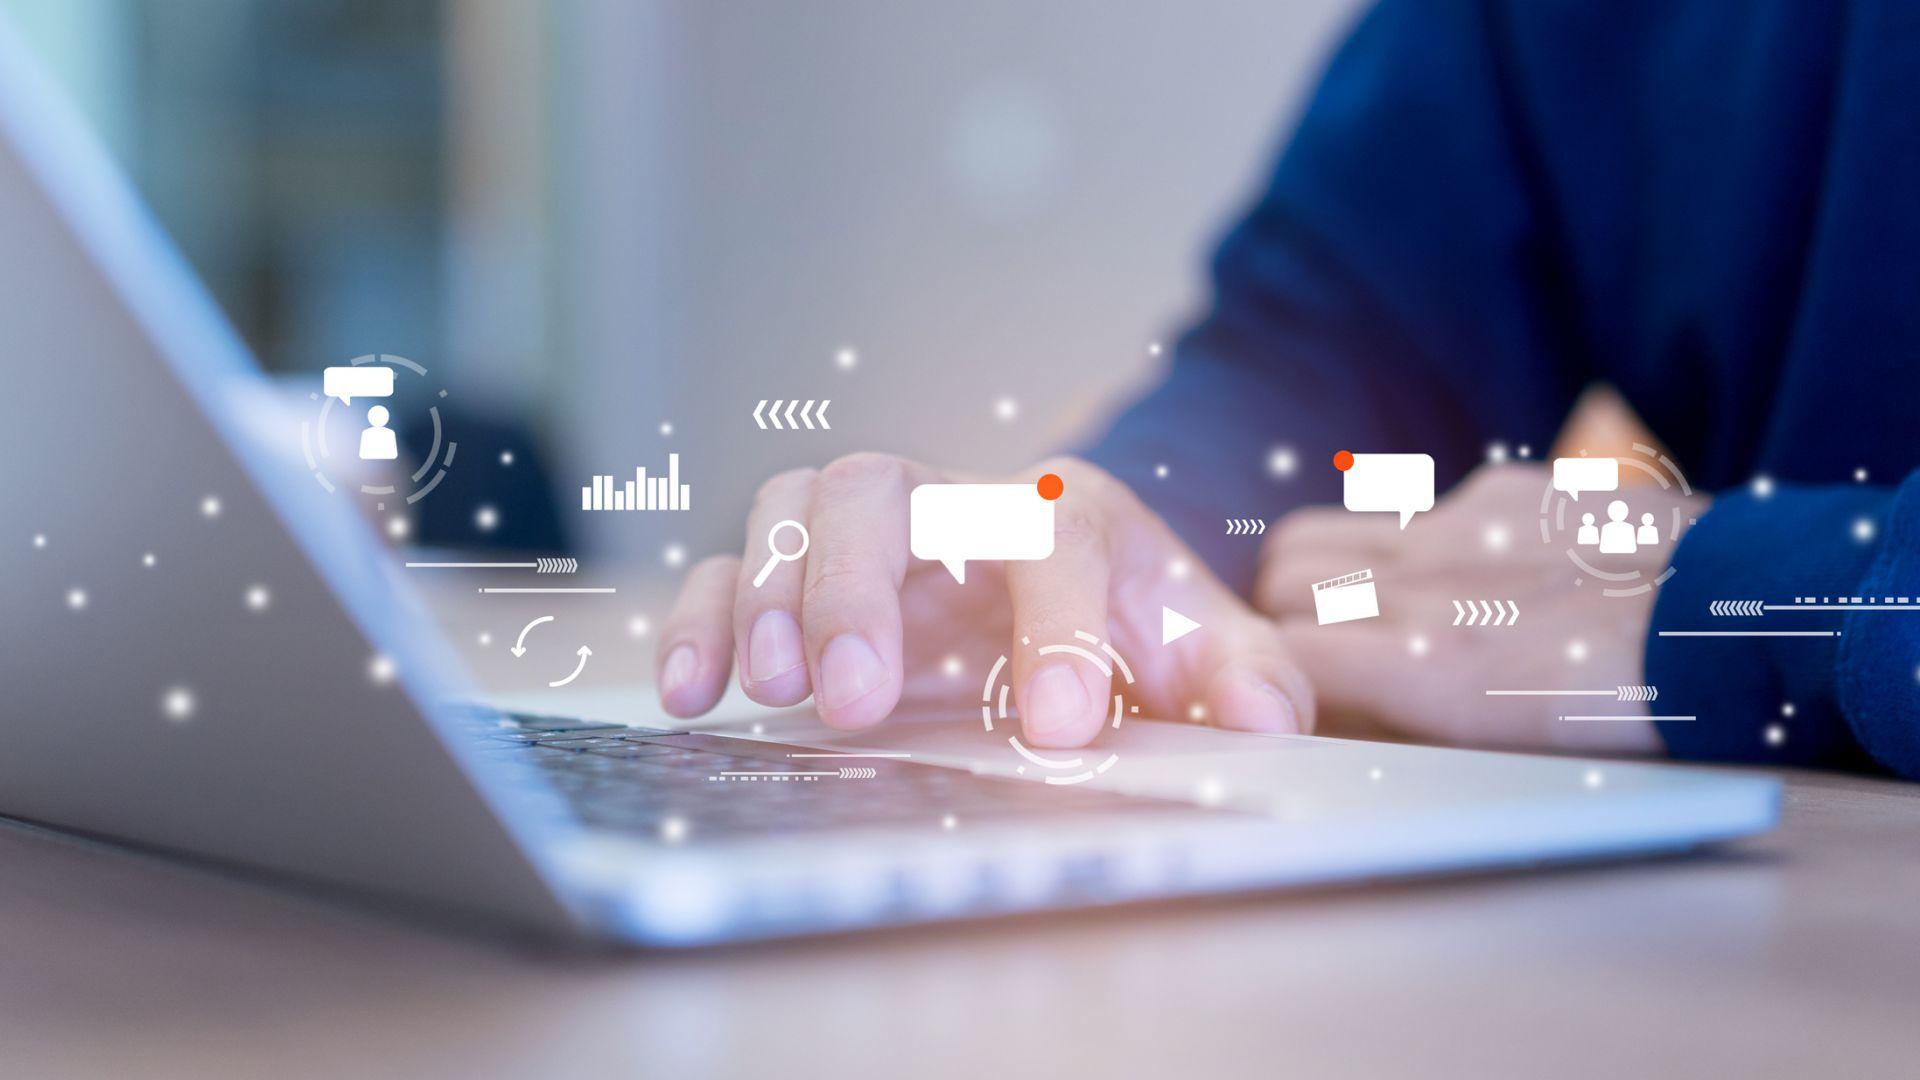 Осем тенденции, които променят интернет пазара в условията на социална изолация